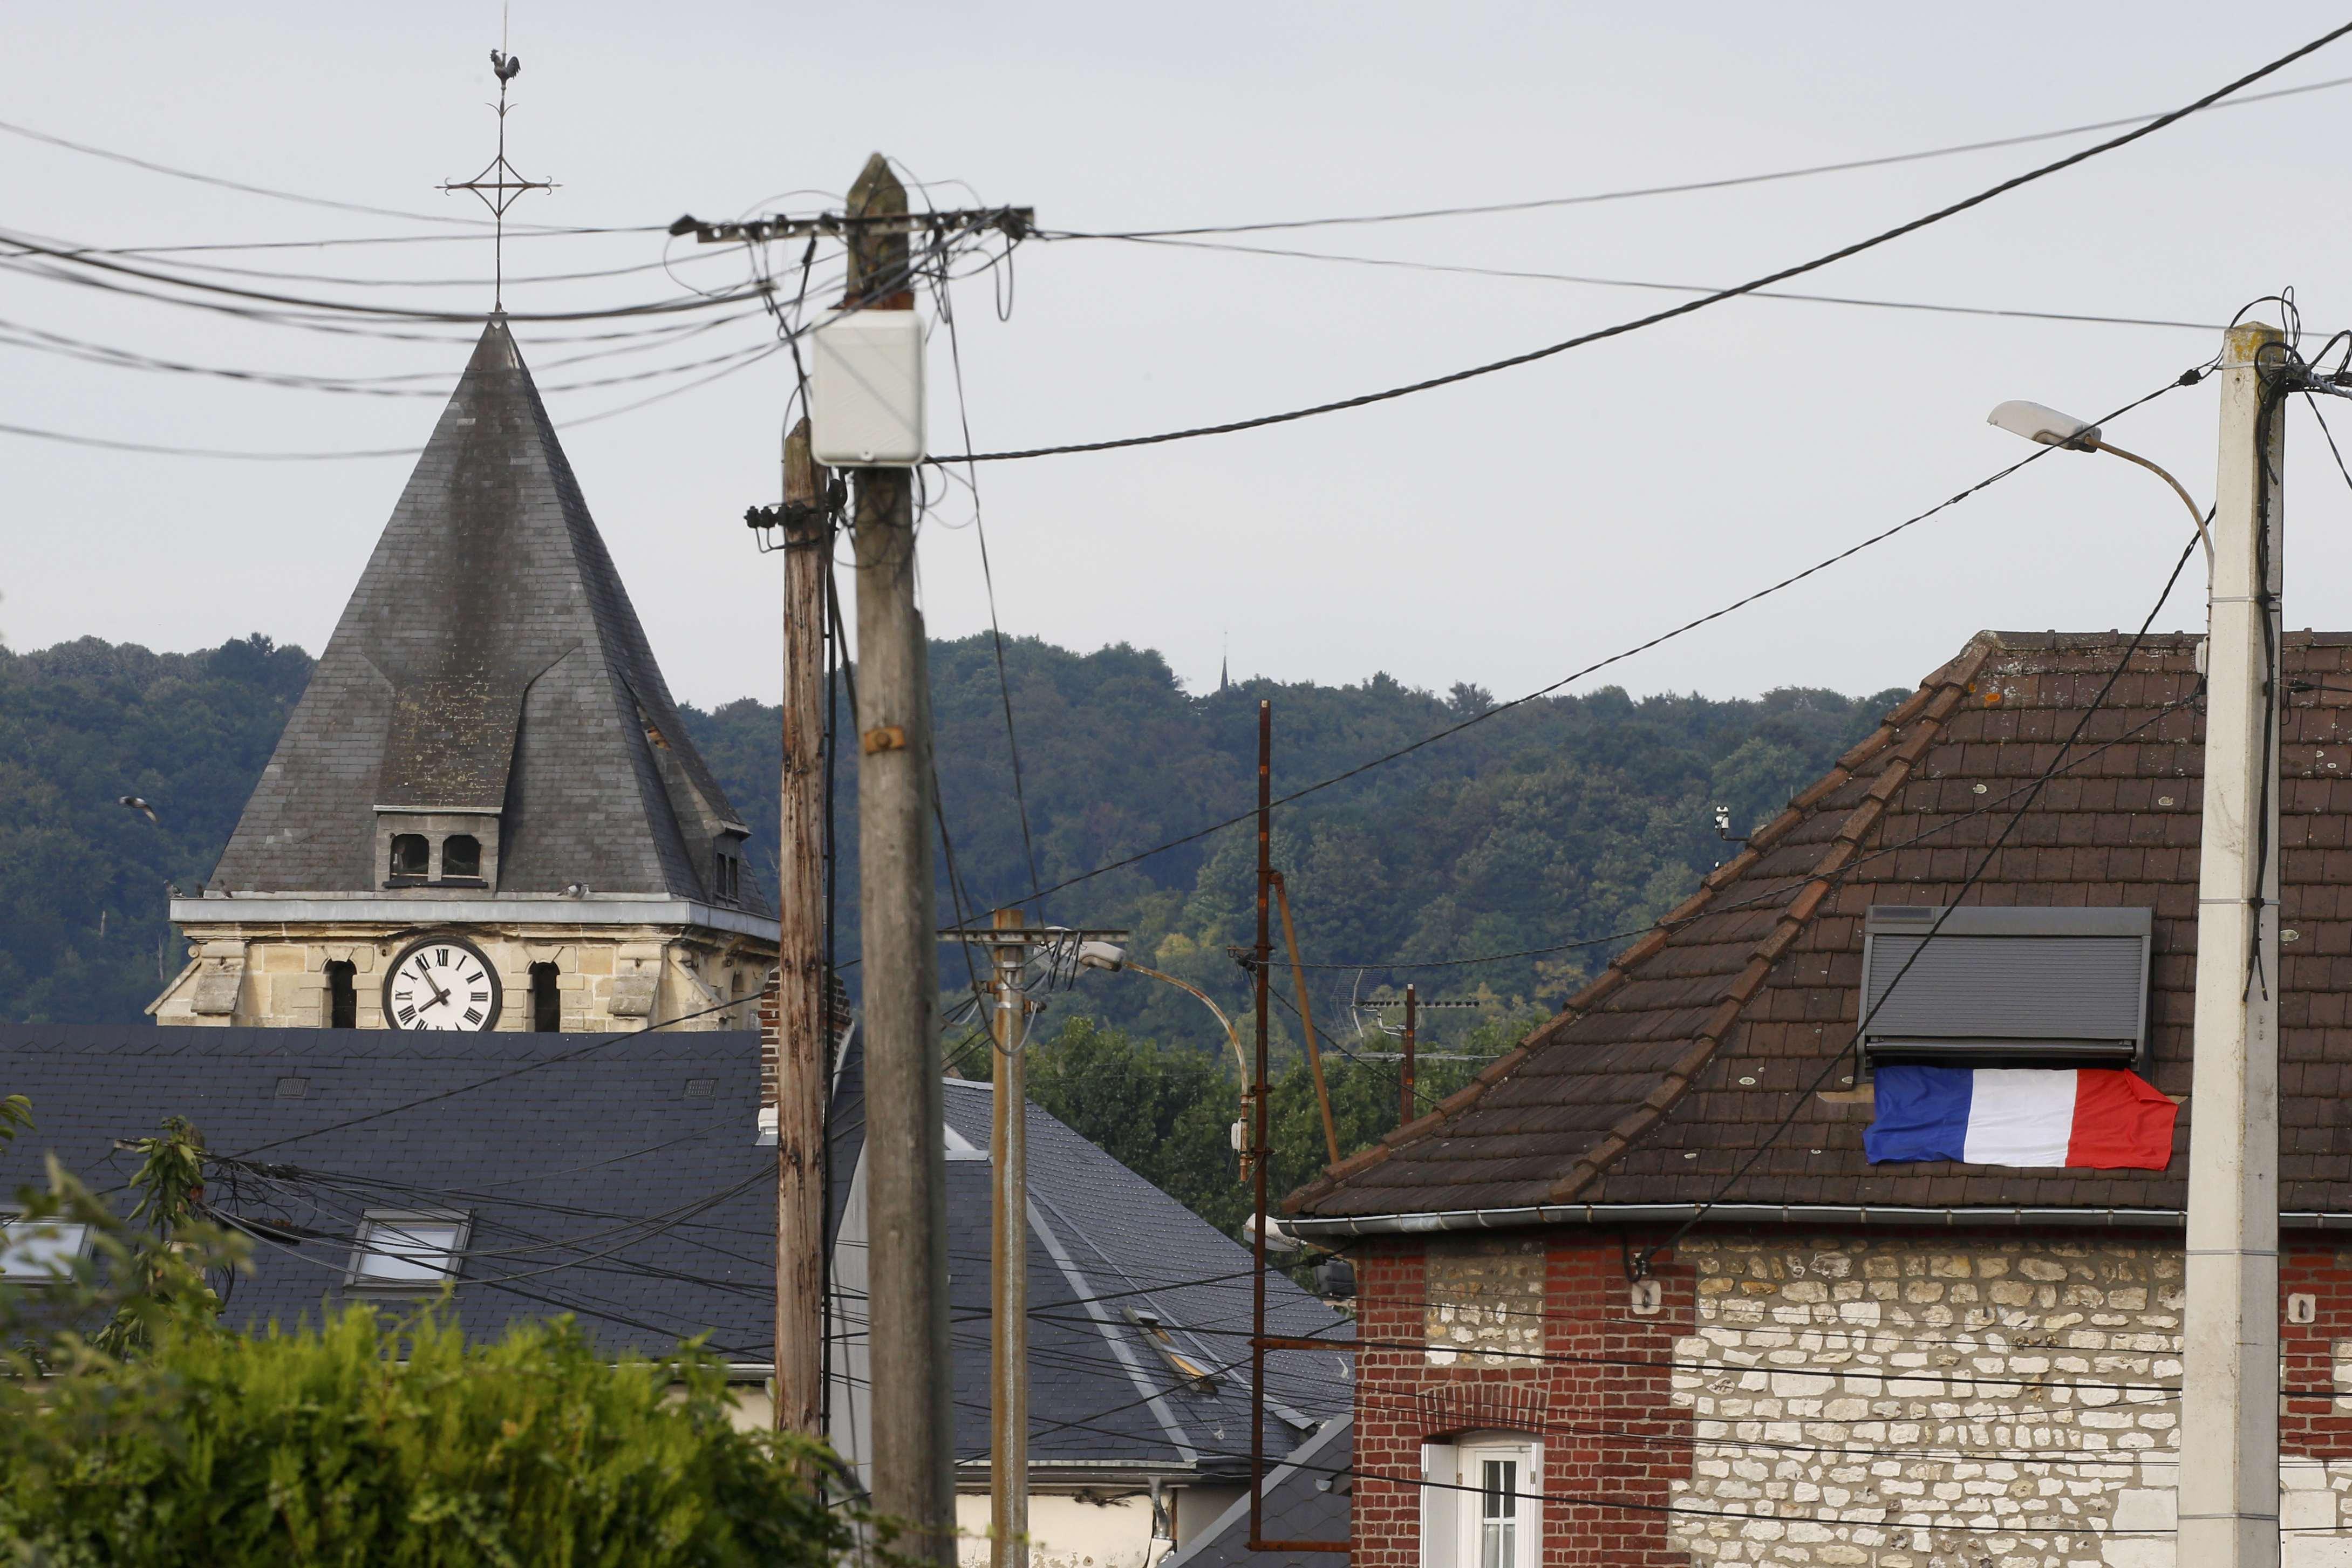 El terrorismo isl mico nuevamente ataca en francia pulso for Frazzi saint etienne du rouvray